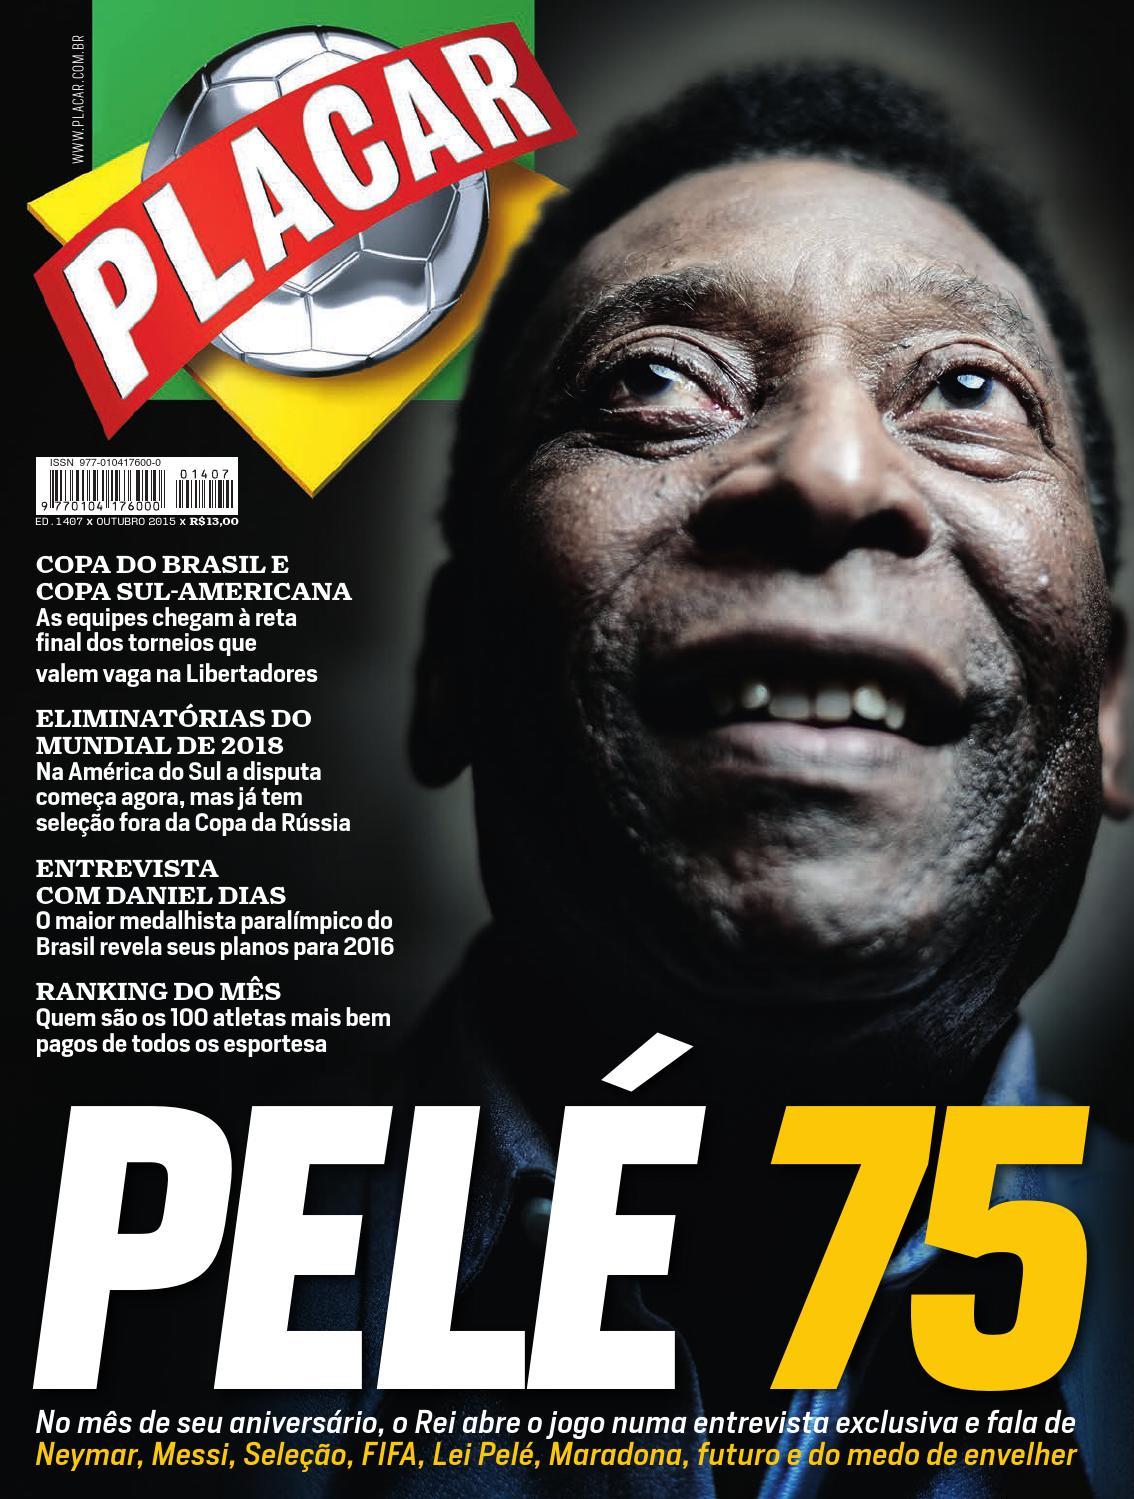 c0025a652d842 Revista Placar – Editora Caras by Revista Placar - issuu